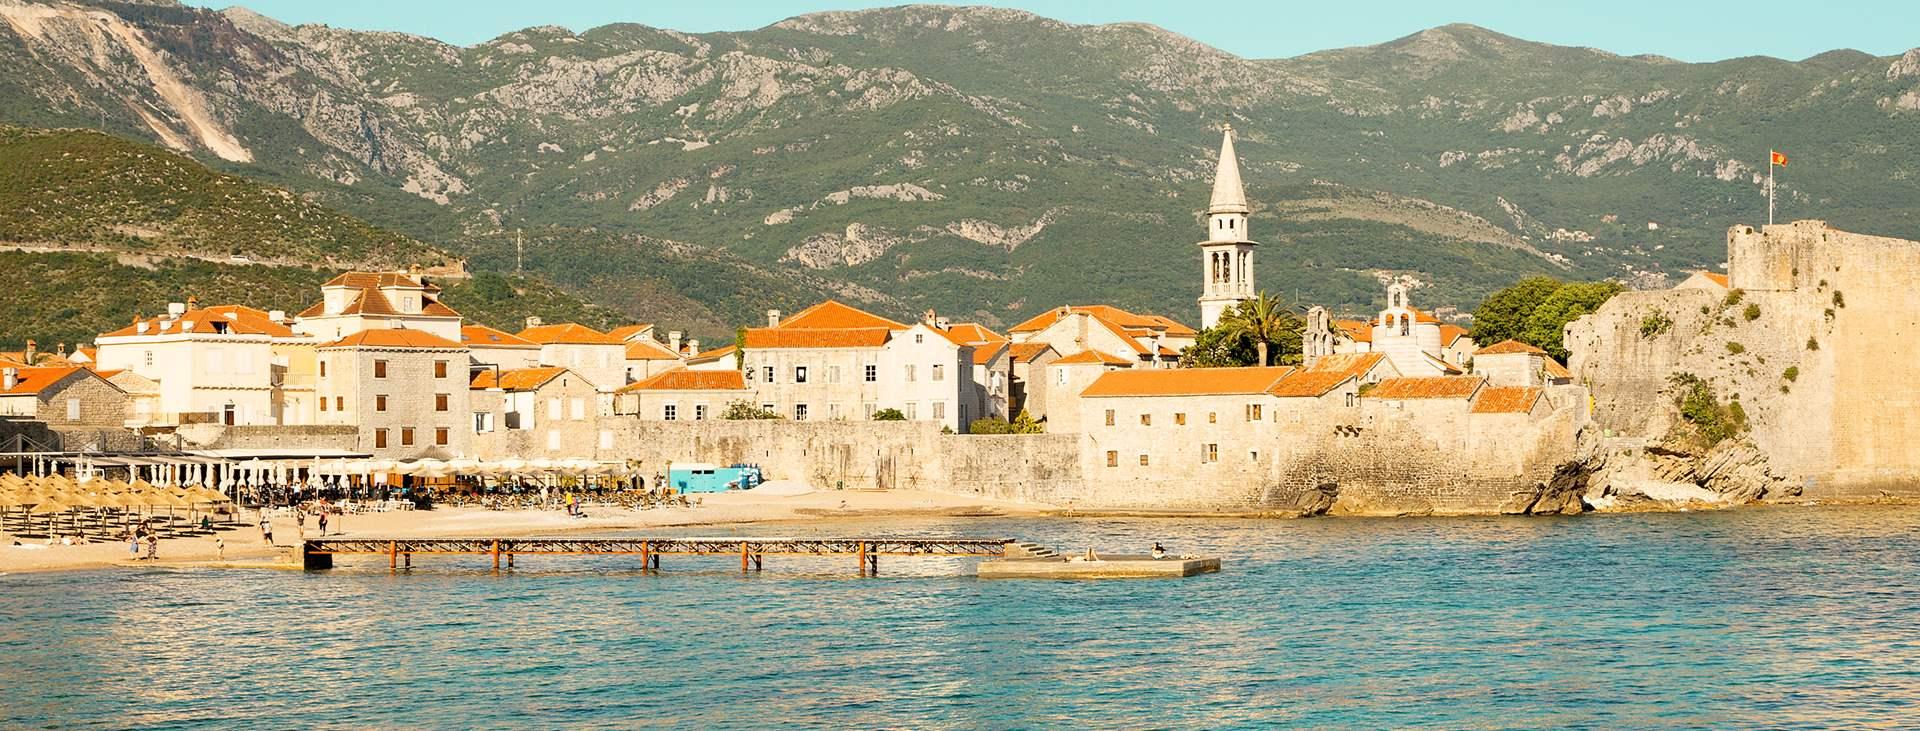 Boka en resa till Montenegro med flyg och hotell